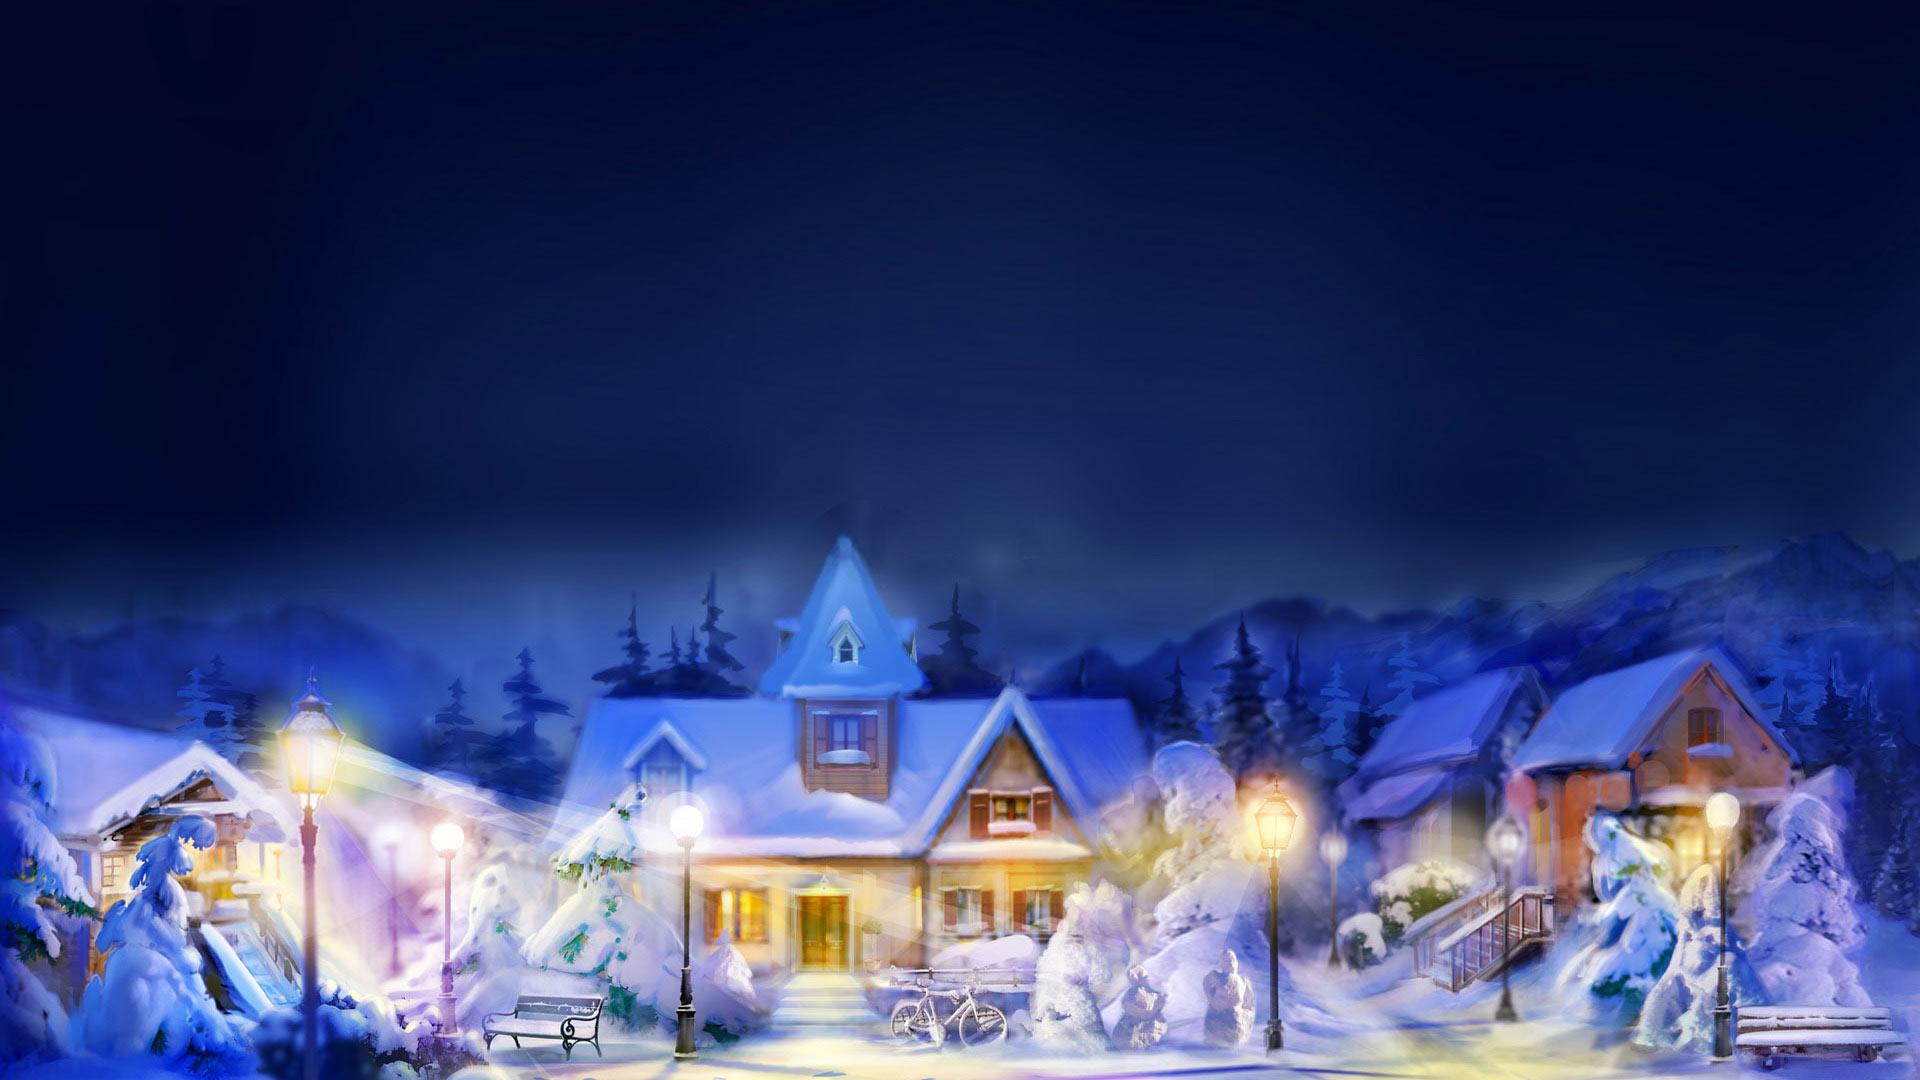 Sfondi Natale  Sfondo Natale Paesaggio